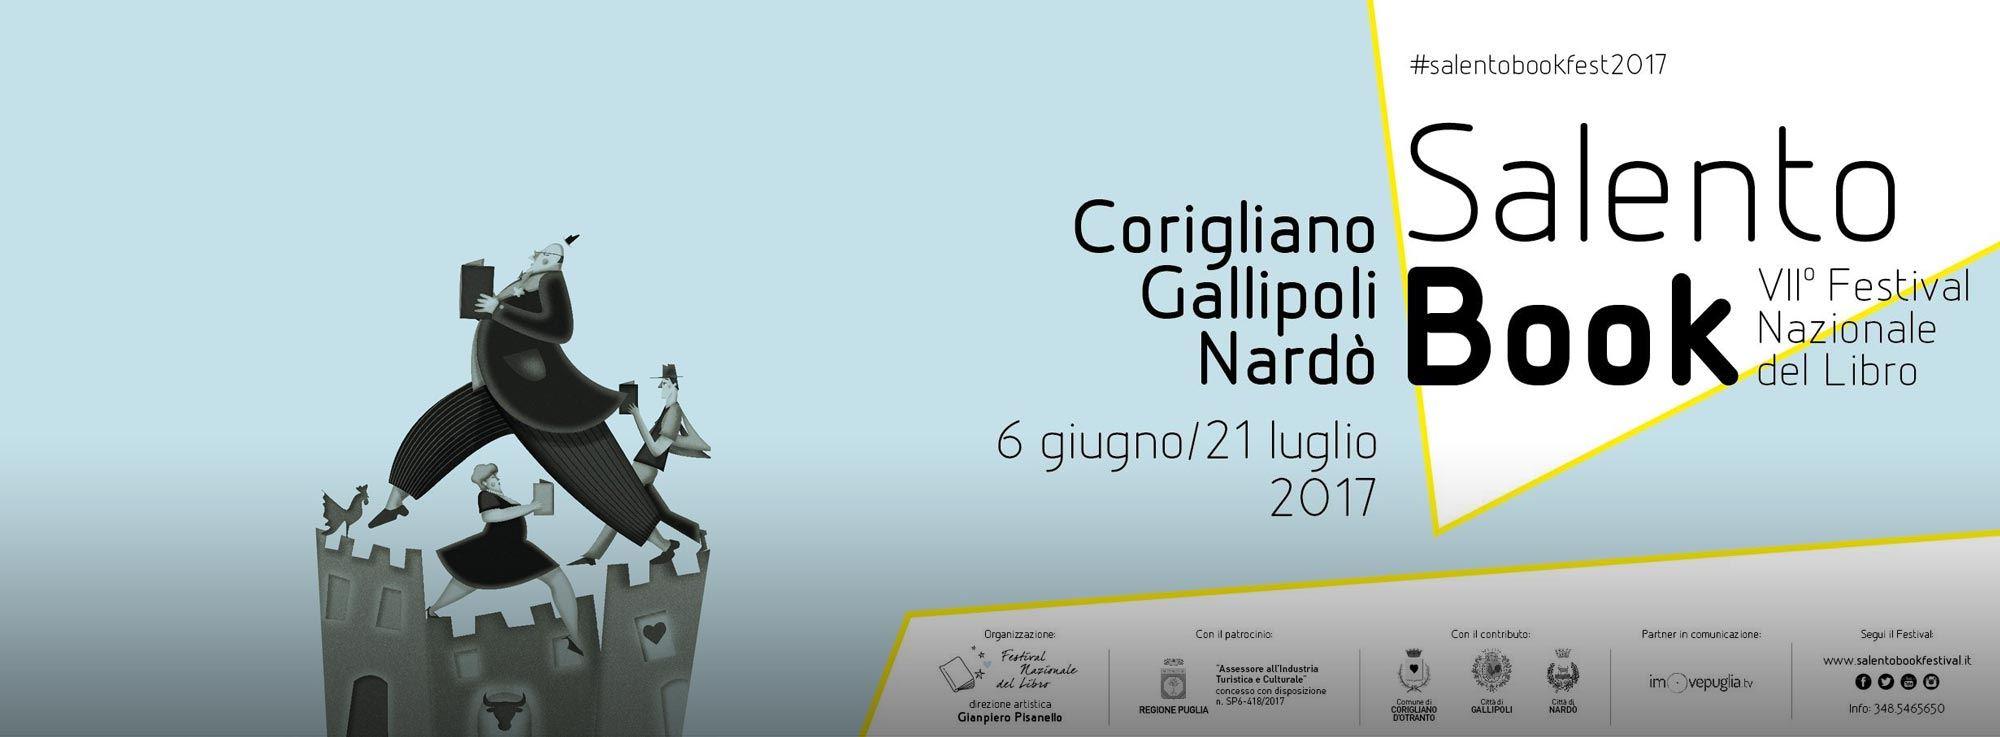 Corigliano d'Otranto, Gallipoli, Nardò: Salento Book Festival